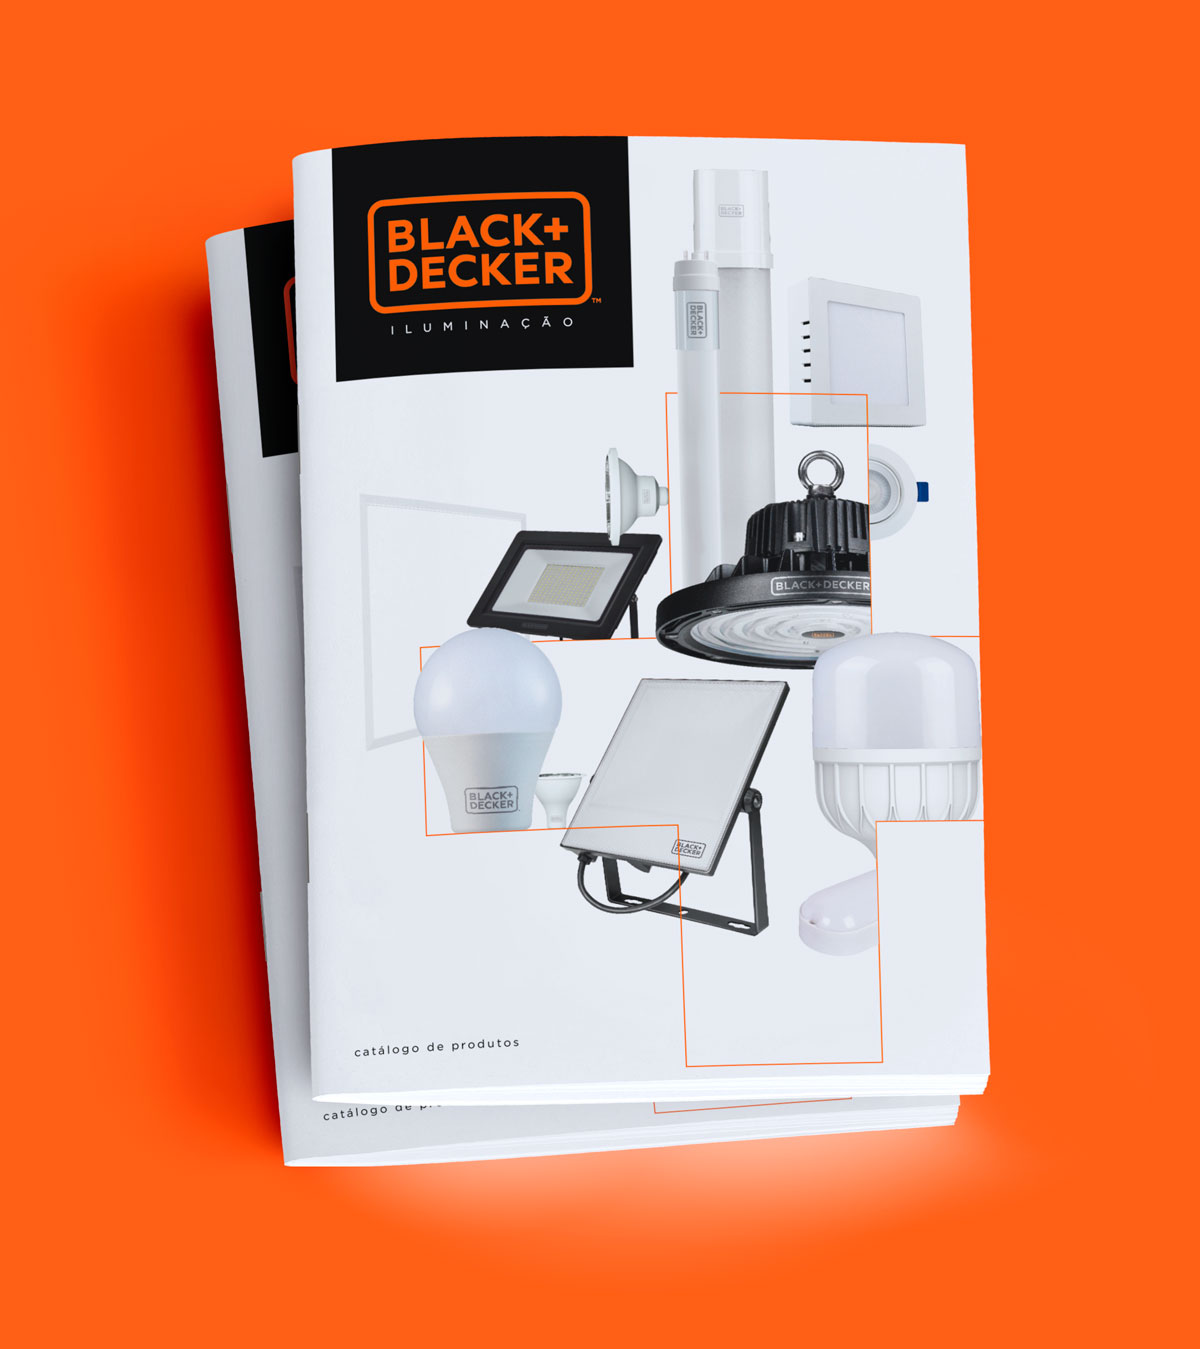 Catálogo Black+Decker